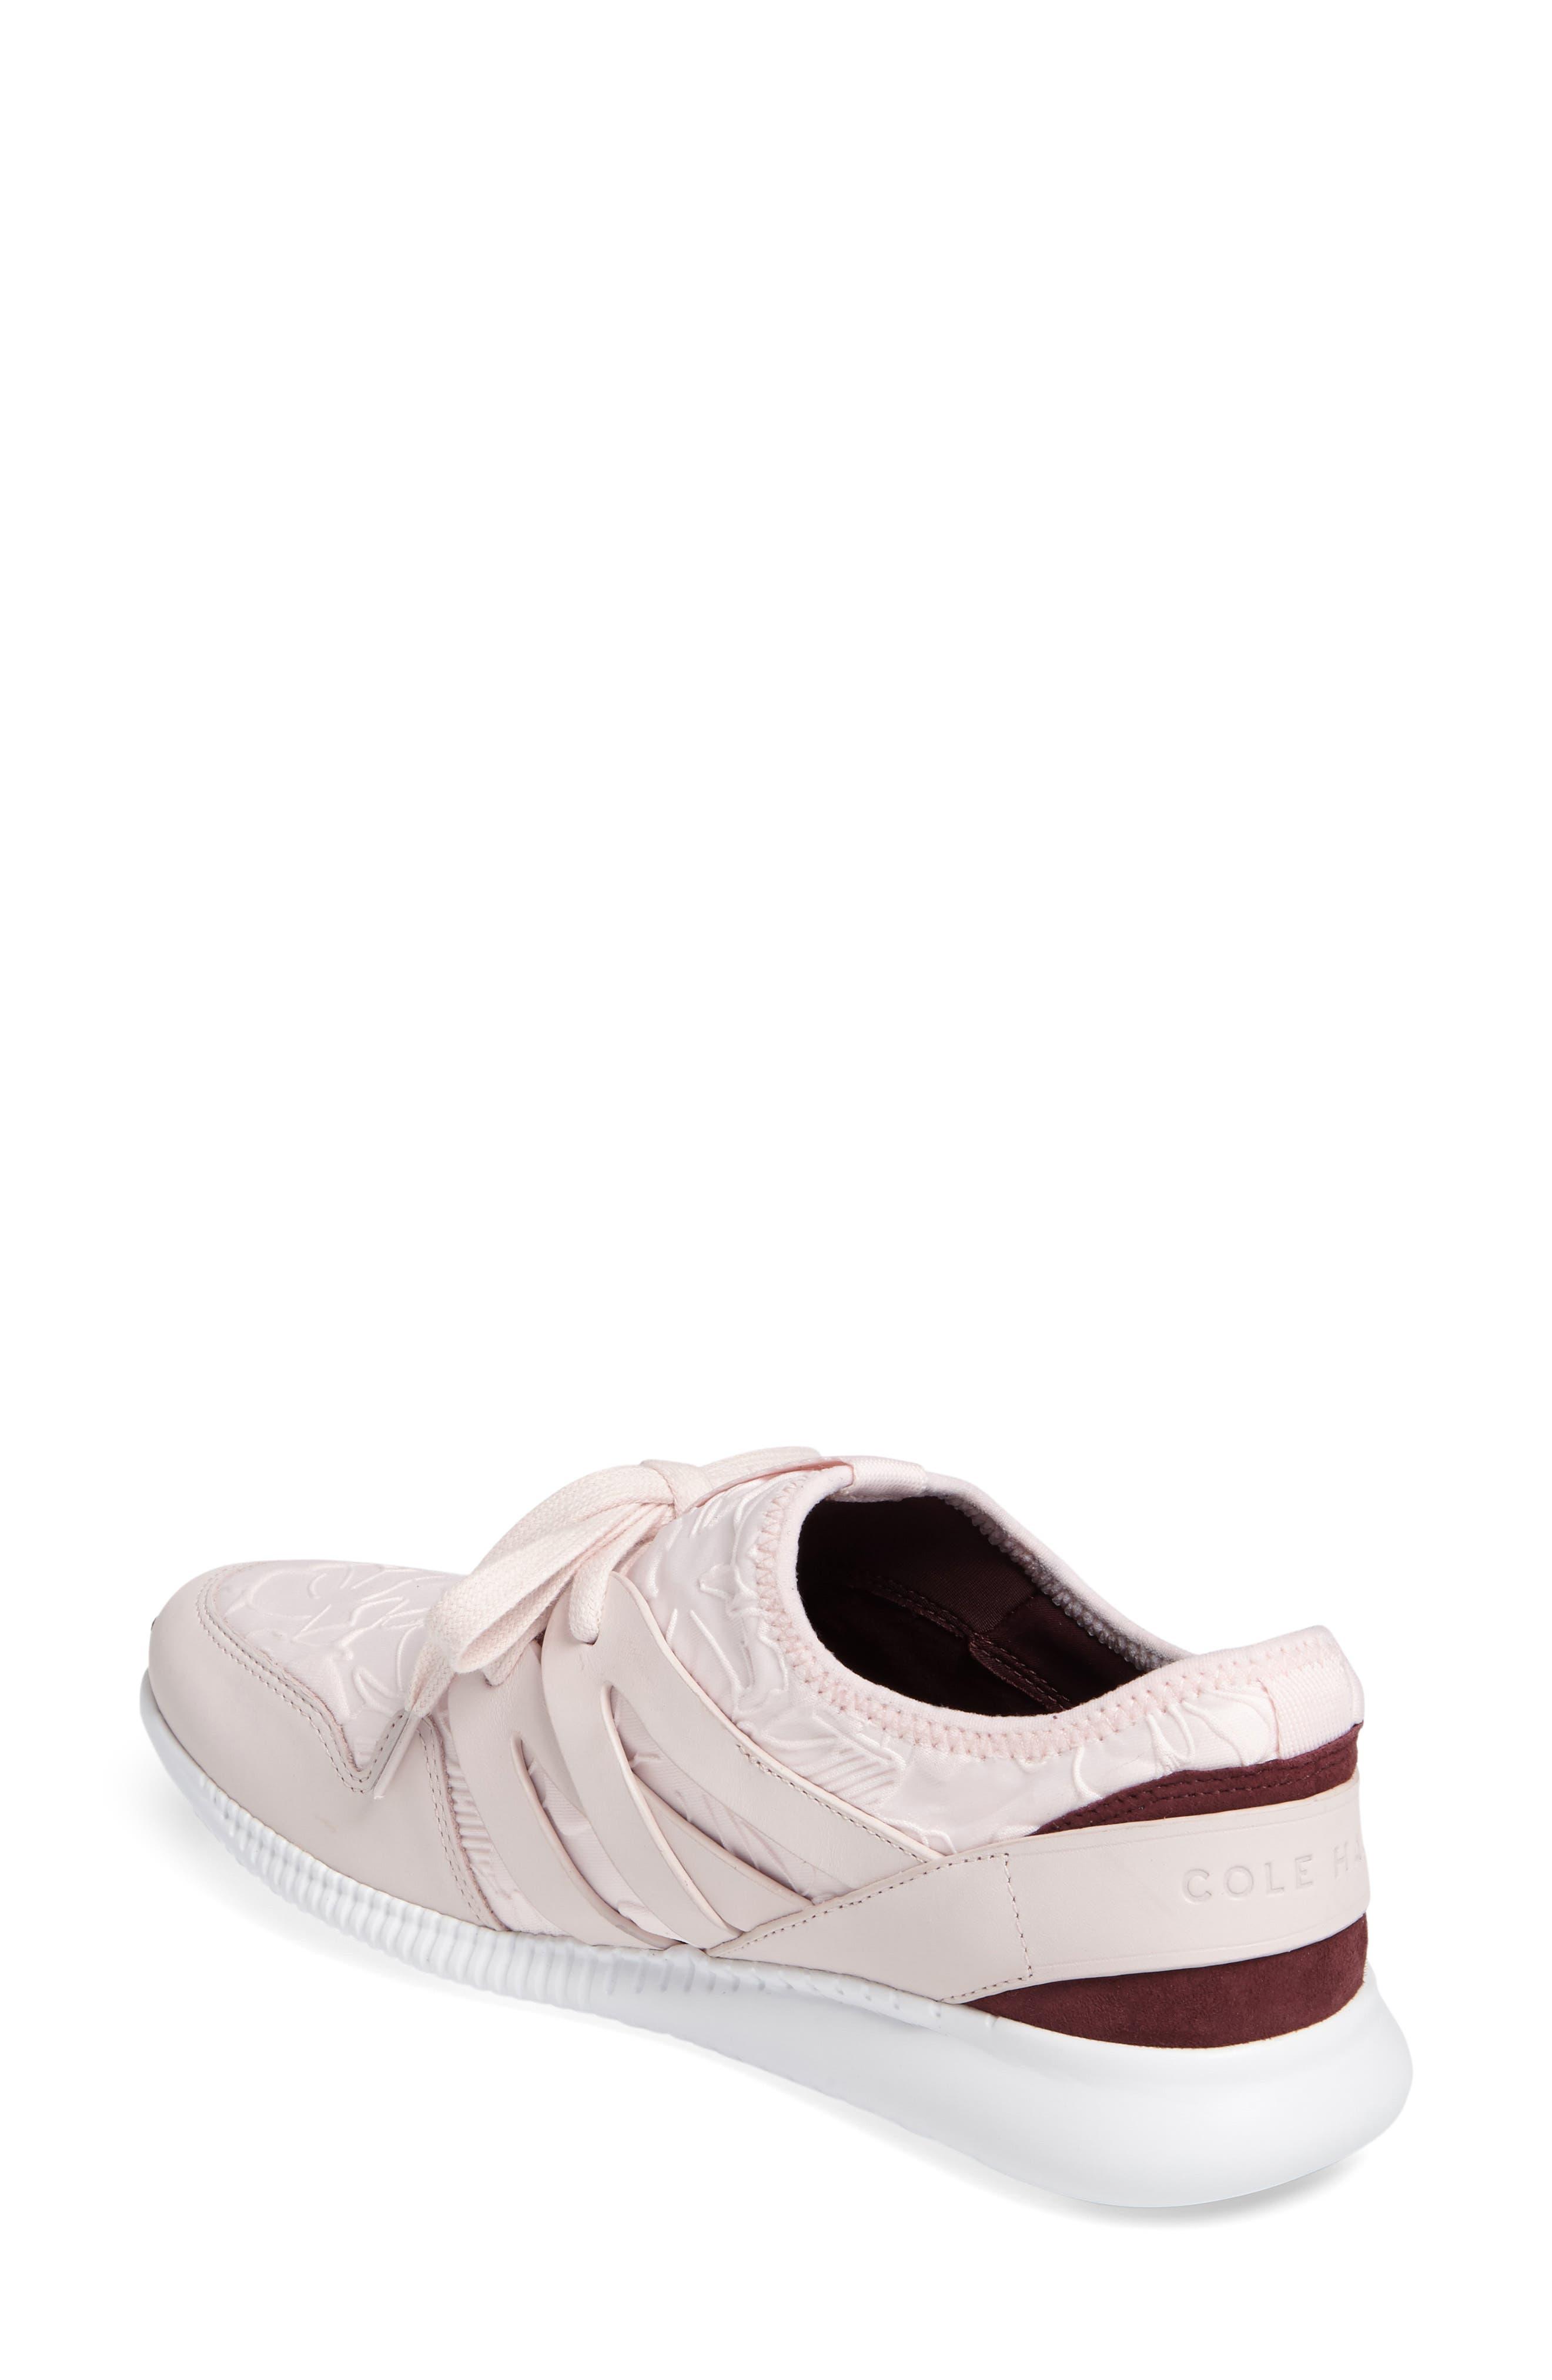 Alternate Image 2  - Cole Haan 'StudioGrand' Sneaker (Women)